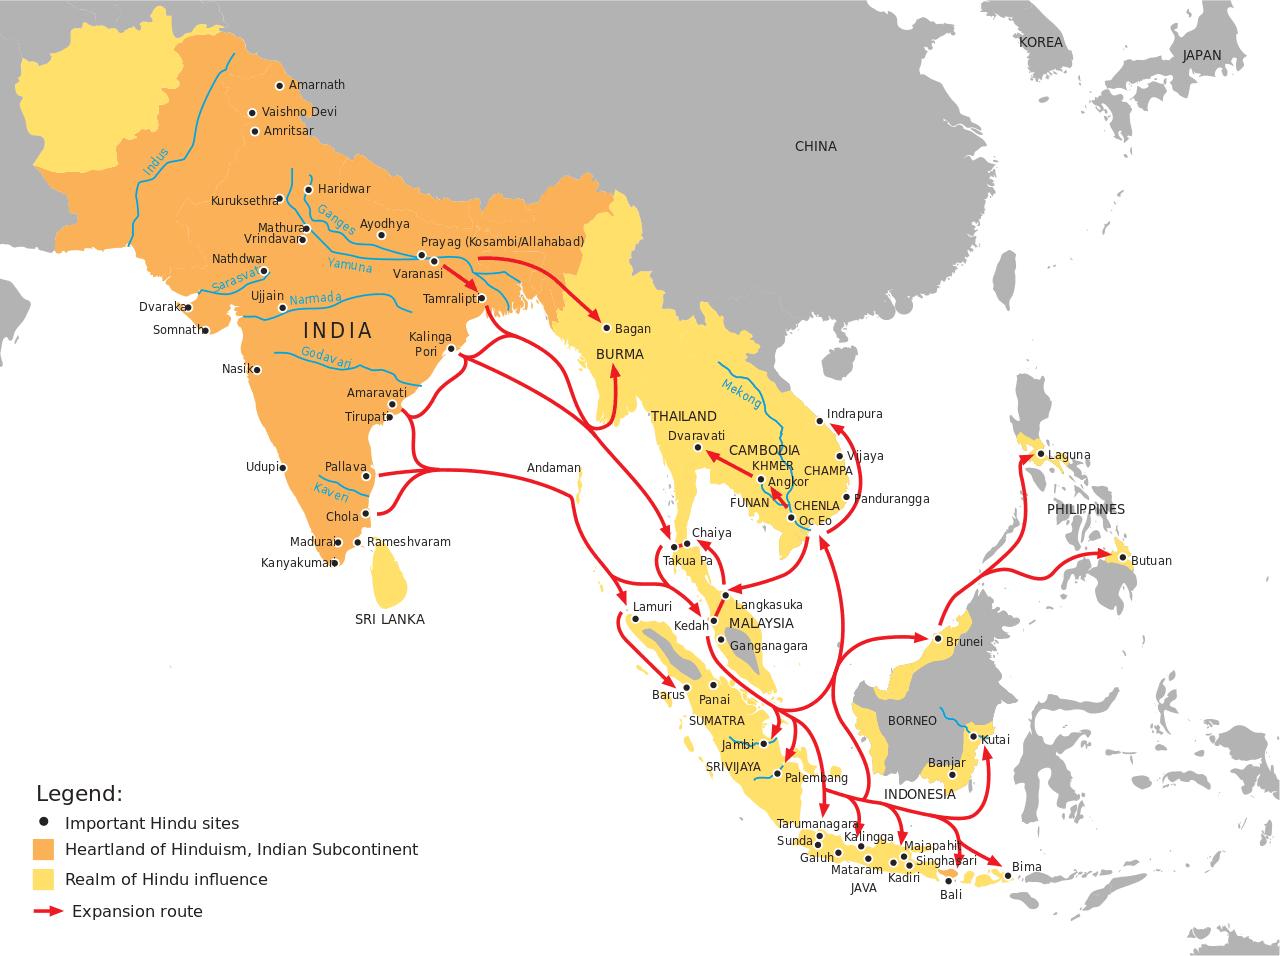 Siapa Pribumi Asli Indonesia yang Sebenarnya? Sejarah Telah Menjawab!